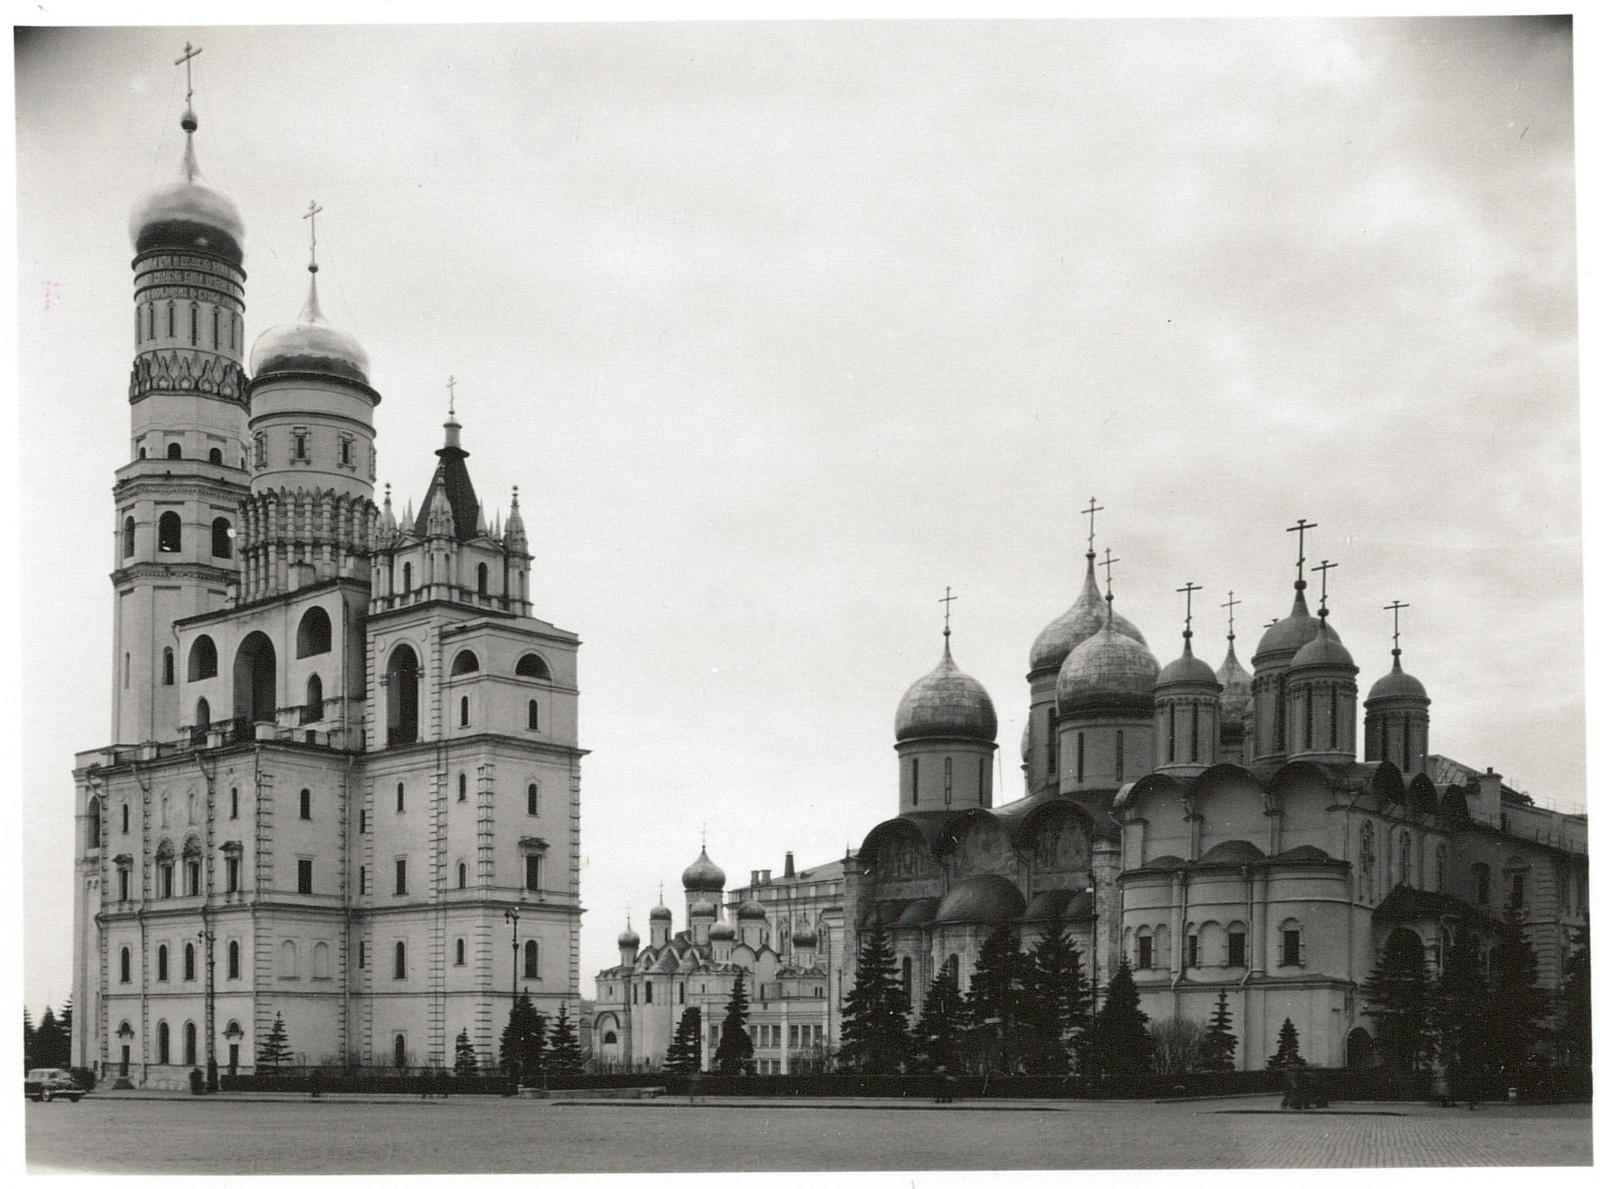 Кремль. Церковь и колокольня Ивана Великого, Благовещенский собор